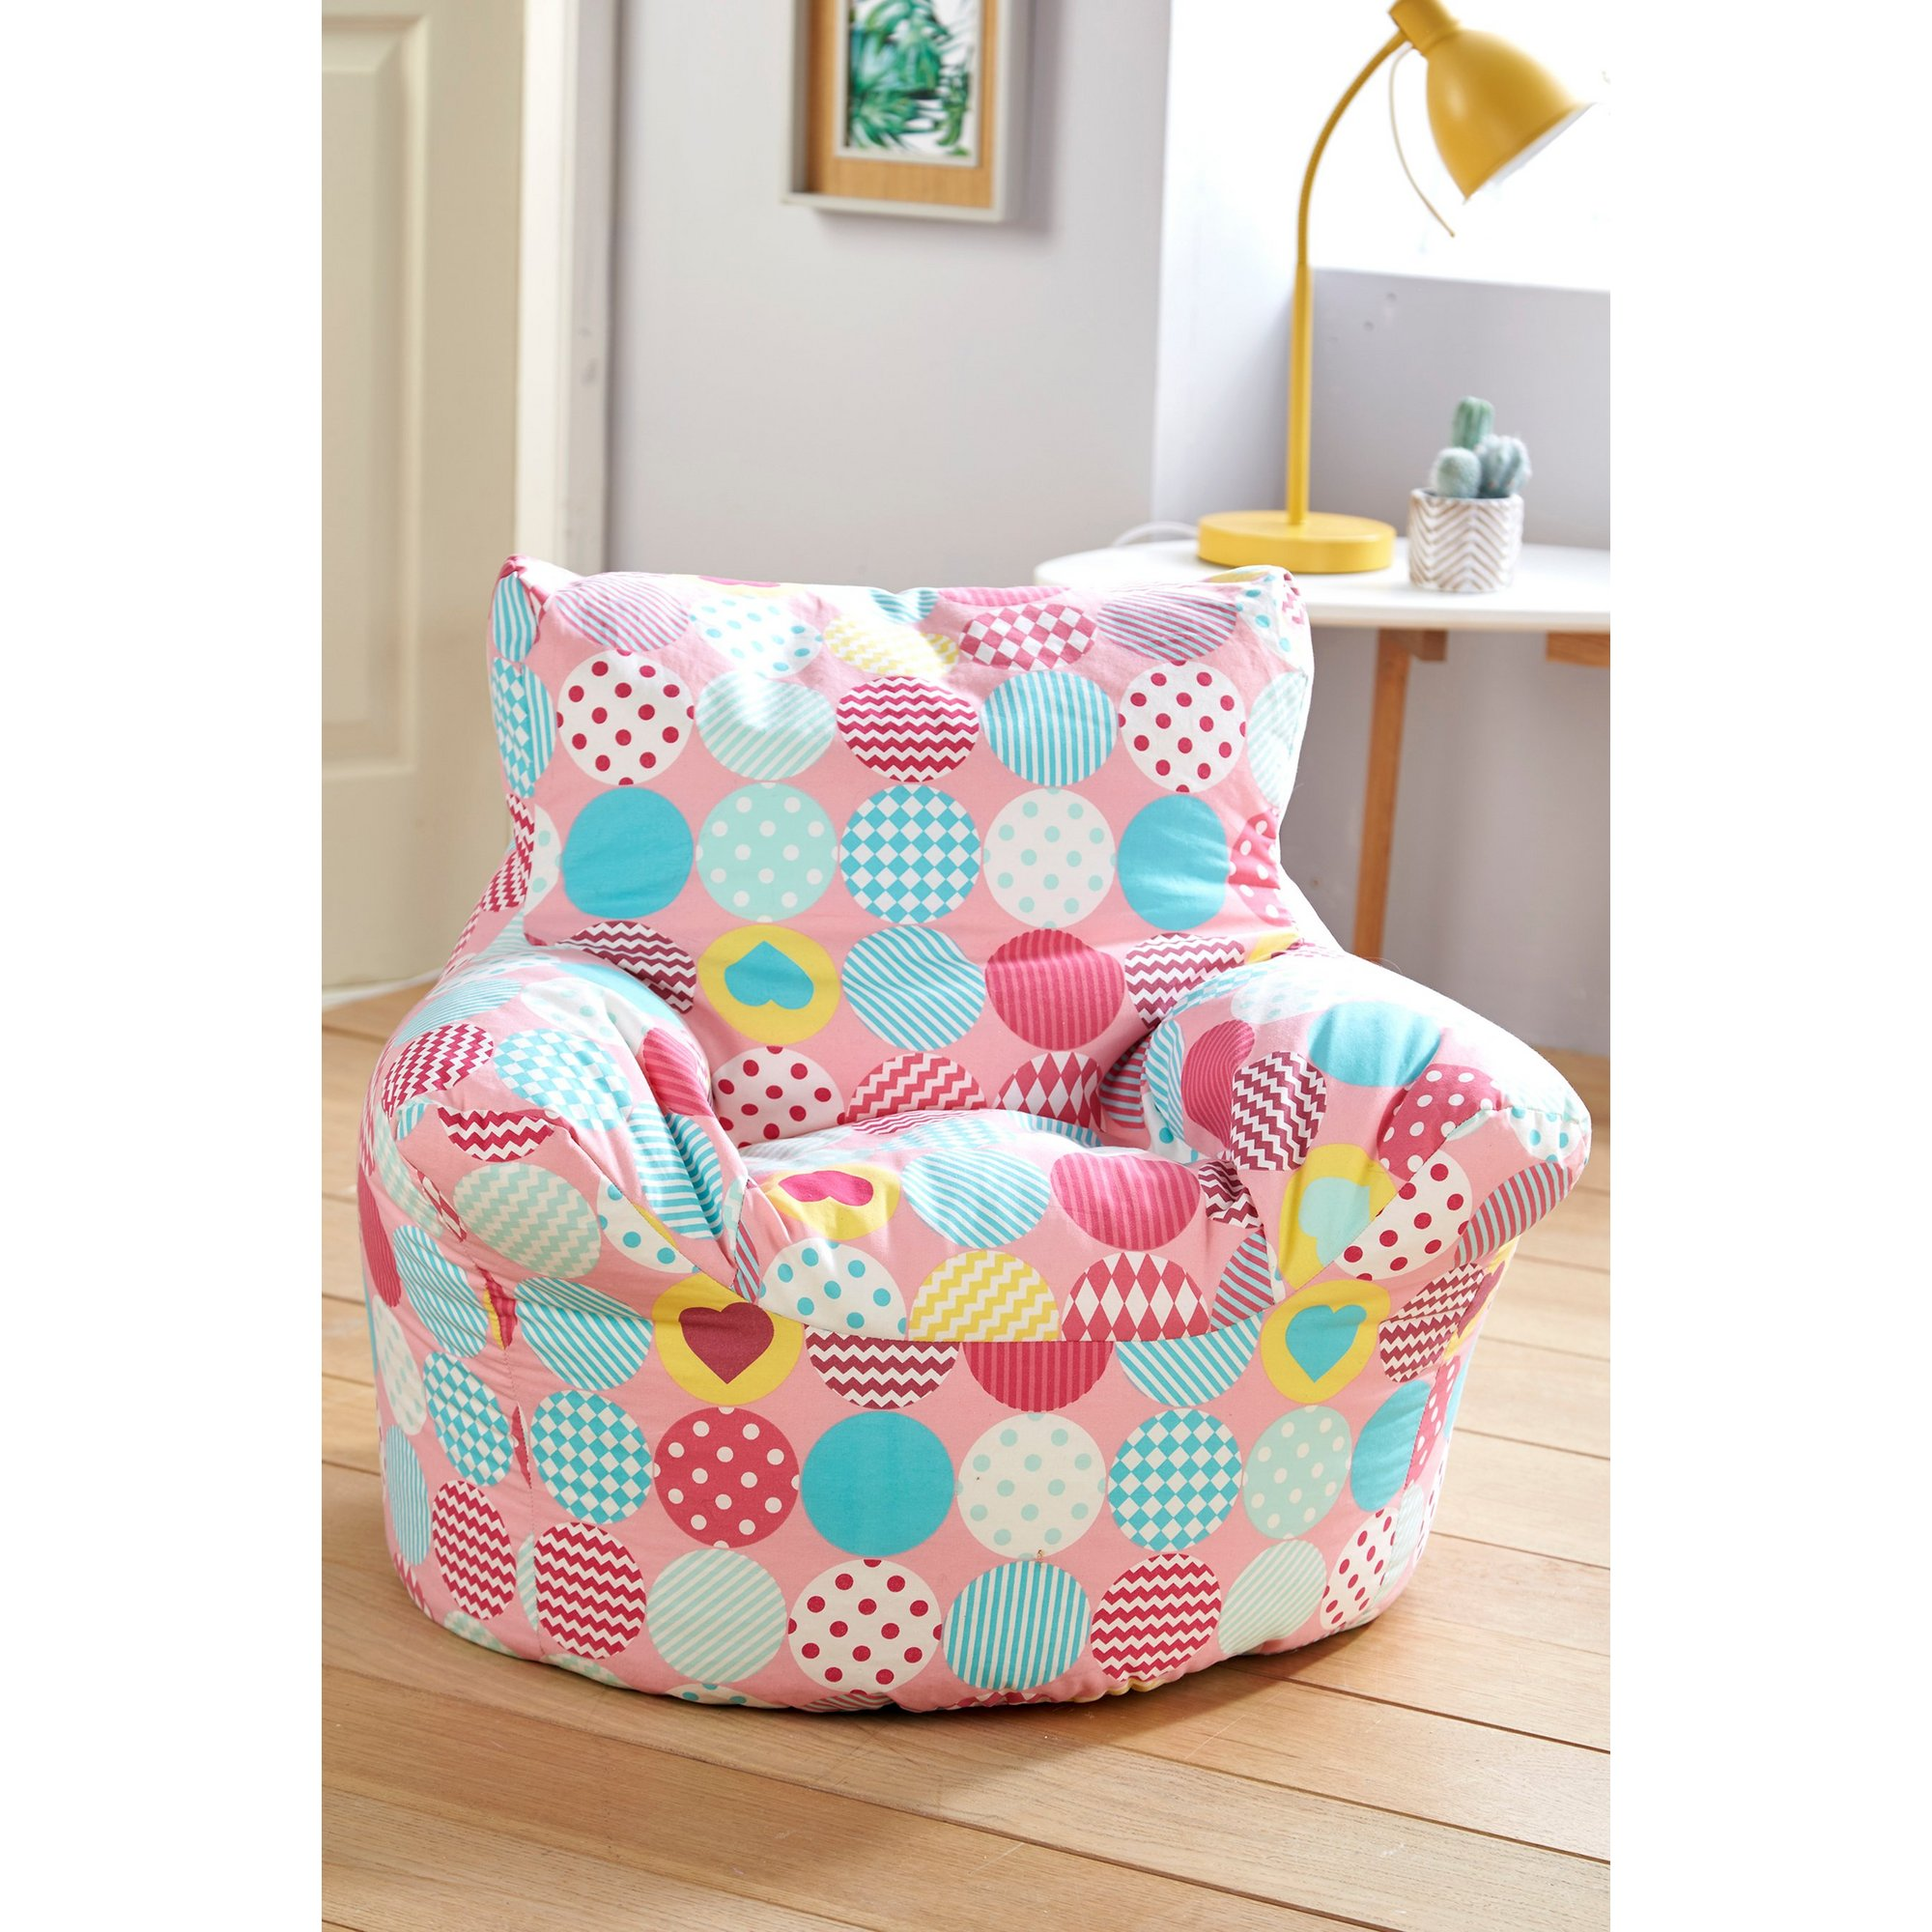 Image of Kids Pink Circle Bean Bag Seat